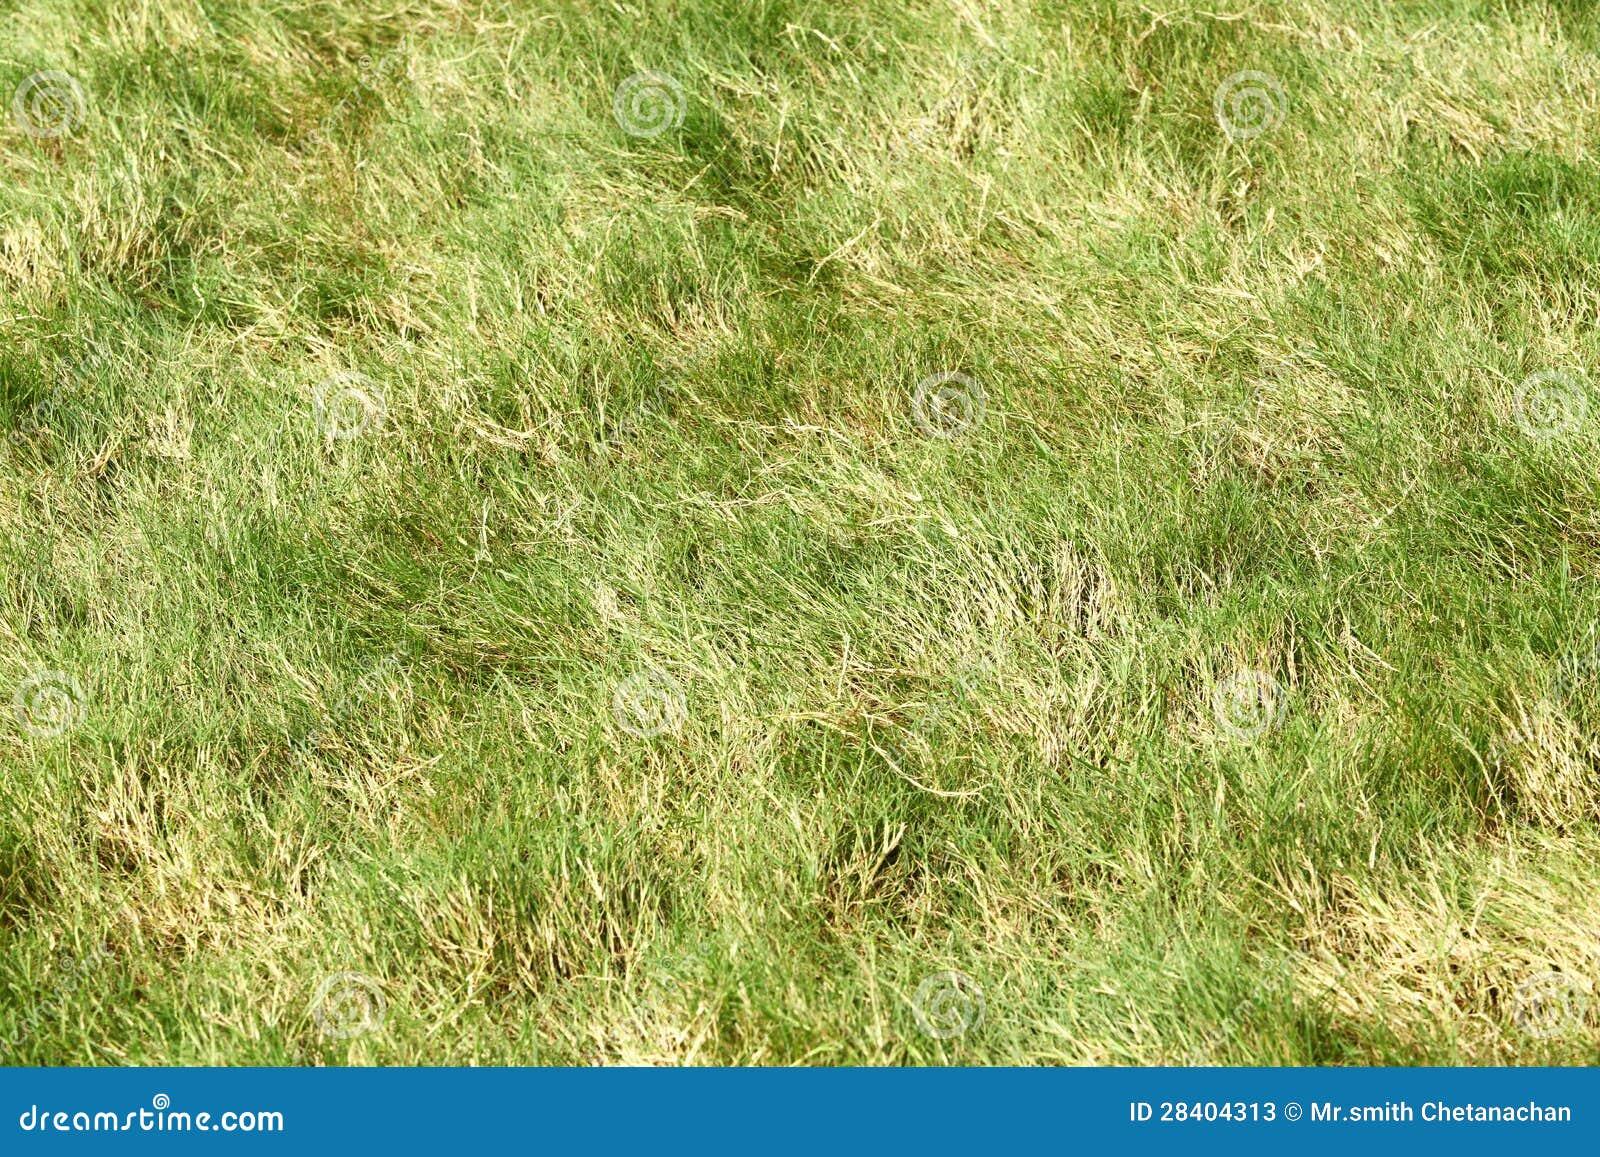 Rough Grass Stock Photos Image 28404313